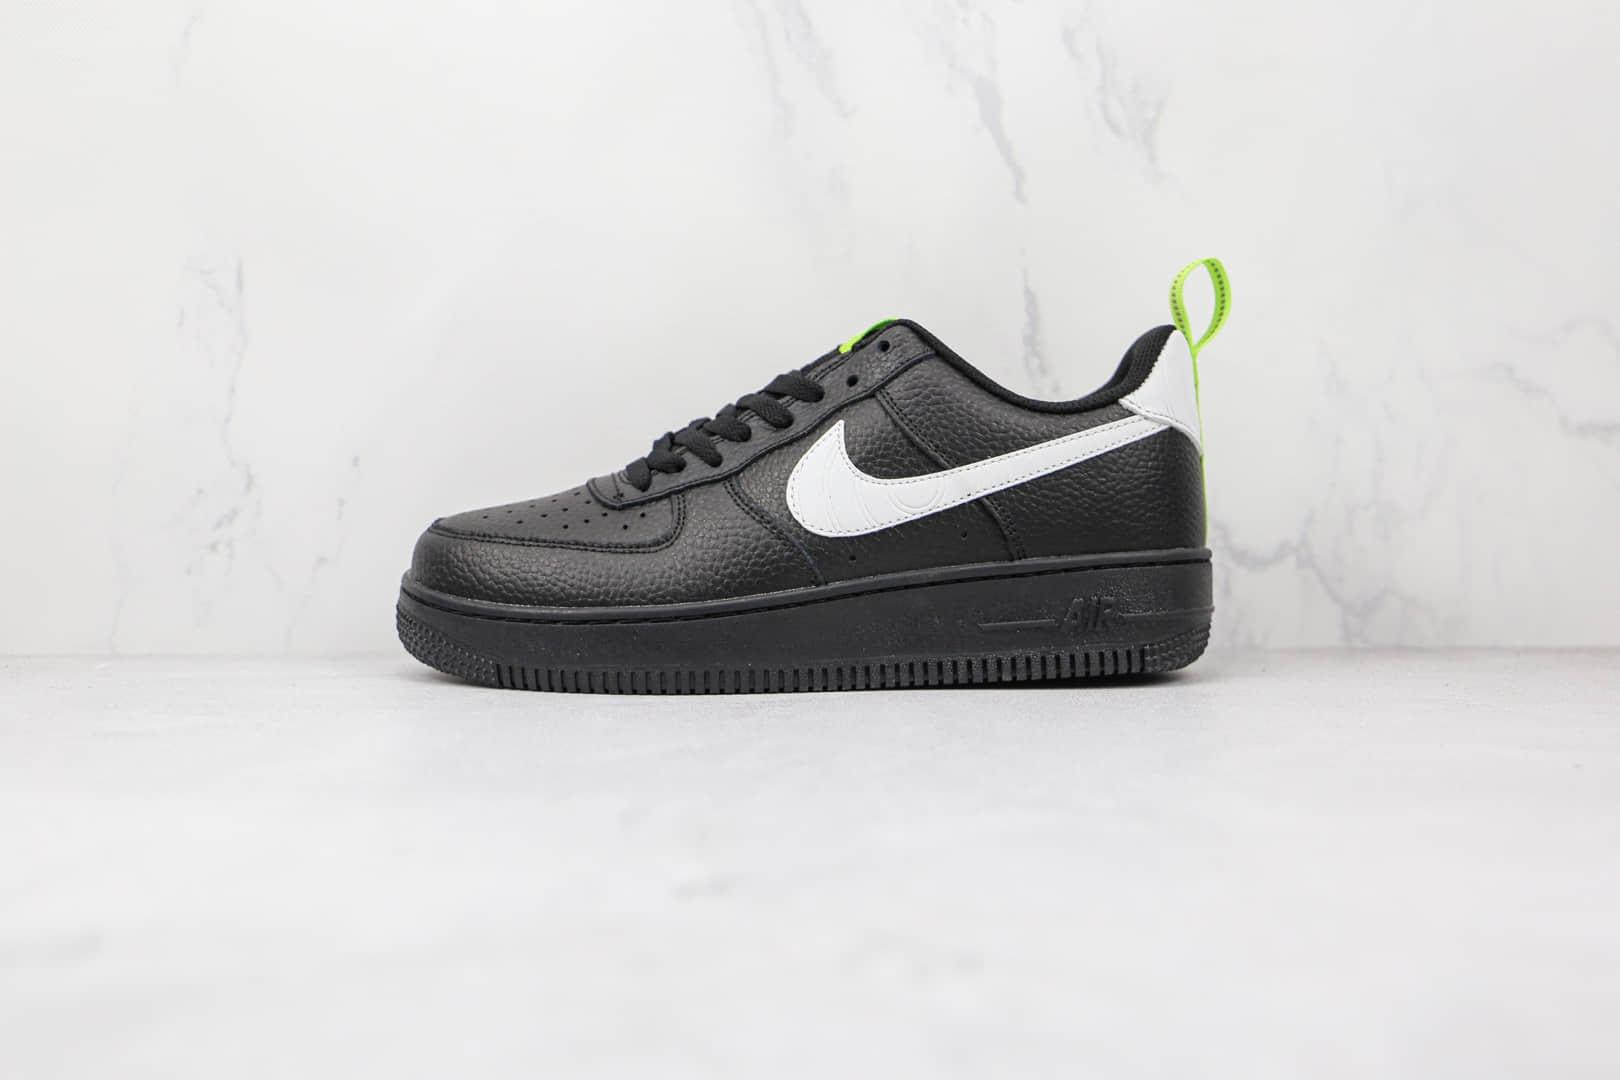 耐克Nike AIR FMRCE 1 07纯原版本低帮空军一号黑白色绿尾板鞋内置气垫 货号:DO6394-001